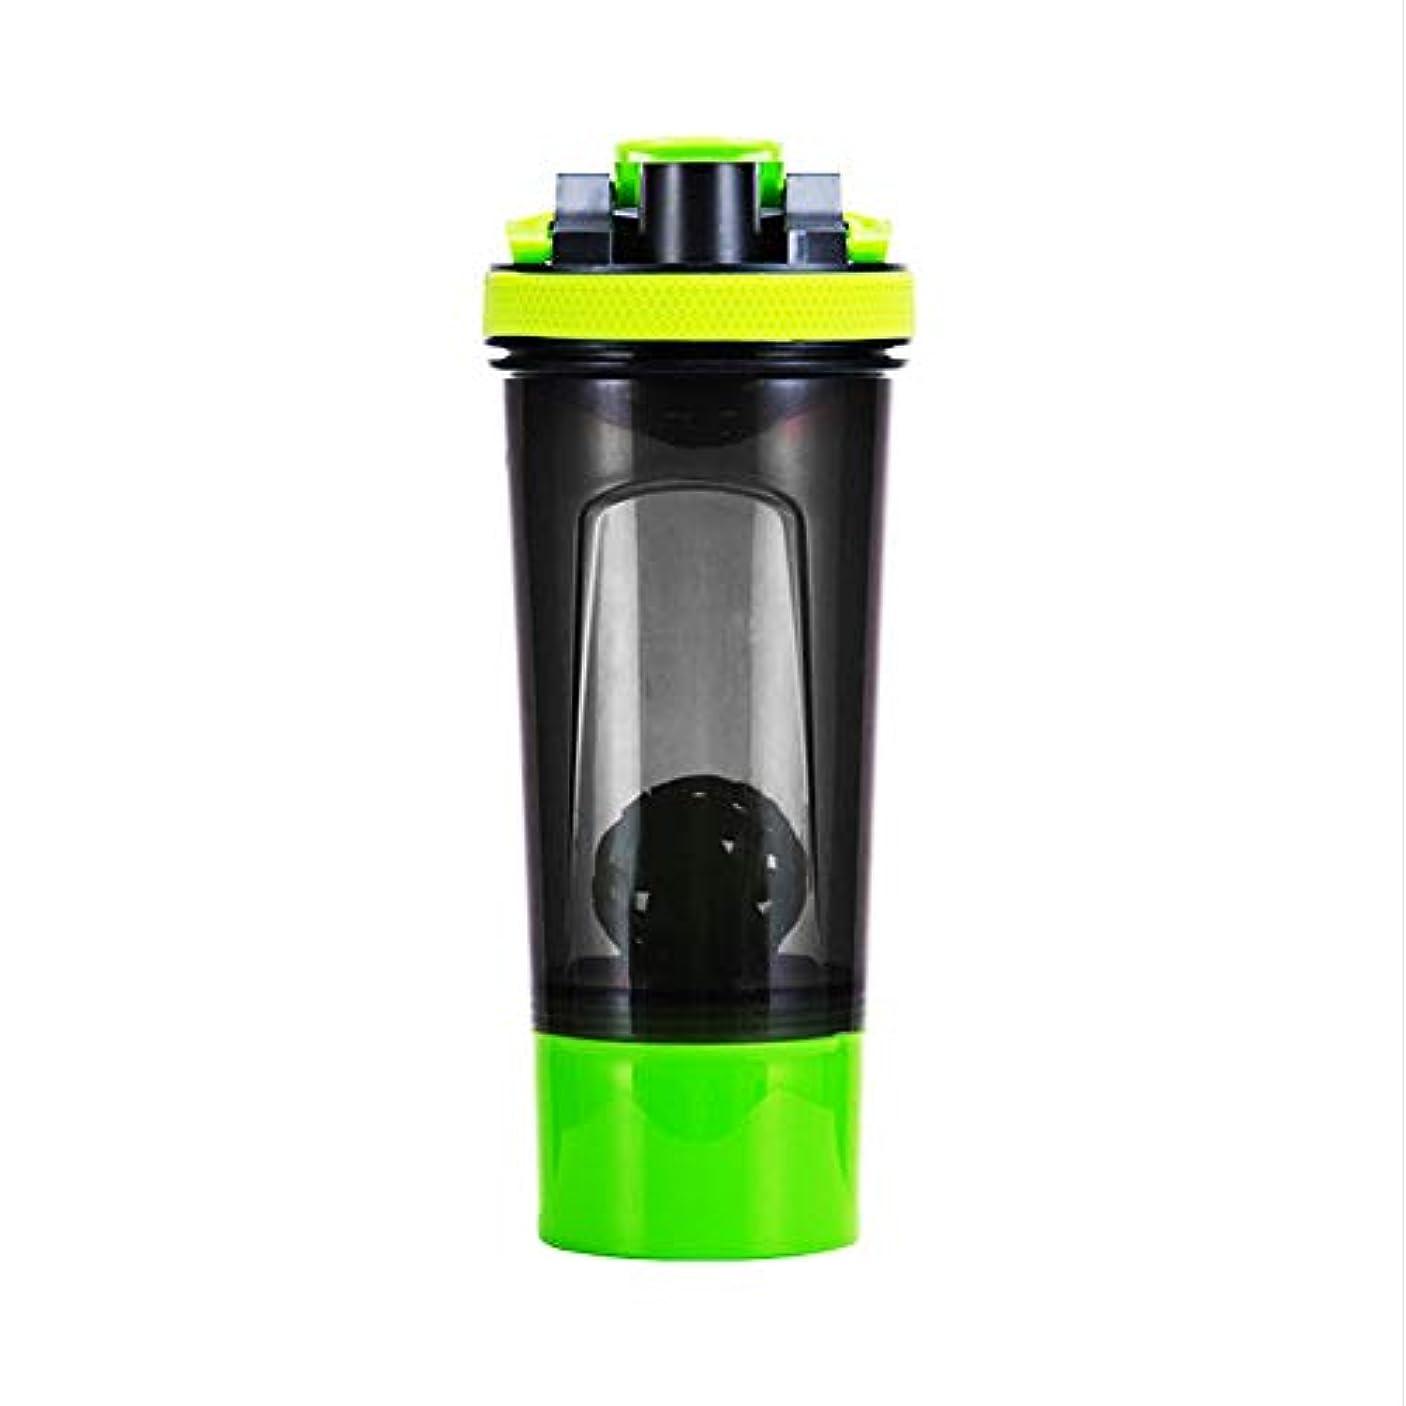 優雅な宝石とても多くのQuner プロテインシェイカー ボトル 水筒 700ml シェーカーボトル スポーツボトル 目盛り 3層 プラスチック フィットネス ダイエット コンテナ付き サプリケース